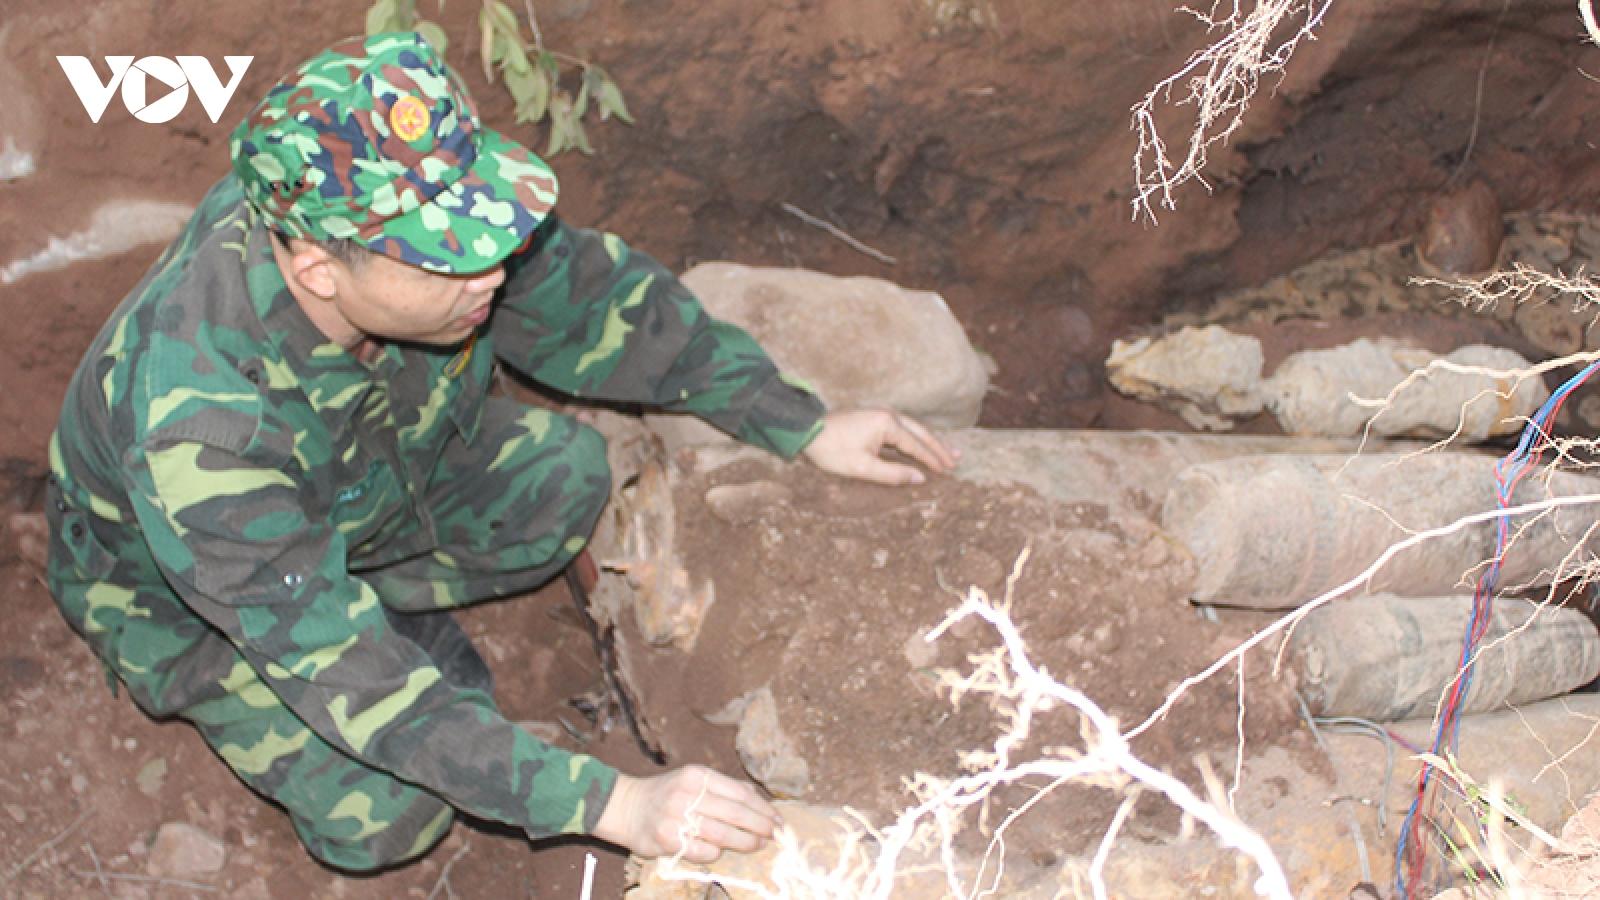 Quảng Ninh hủy nổ thành công 4 tấn bom, đạn, vật liệu nổ